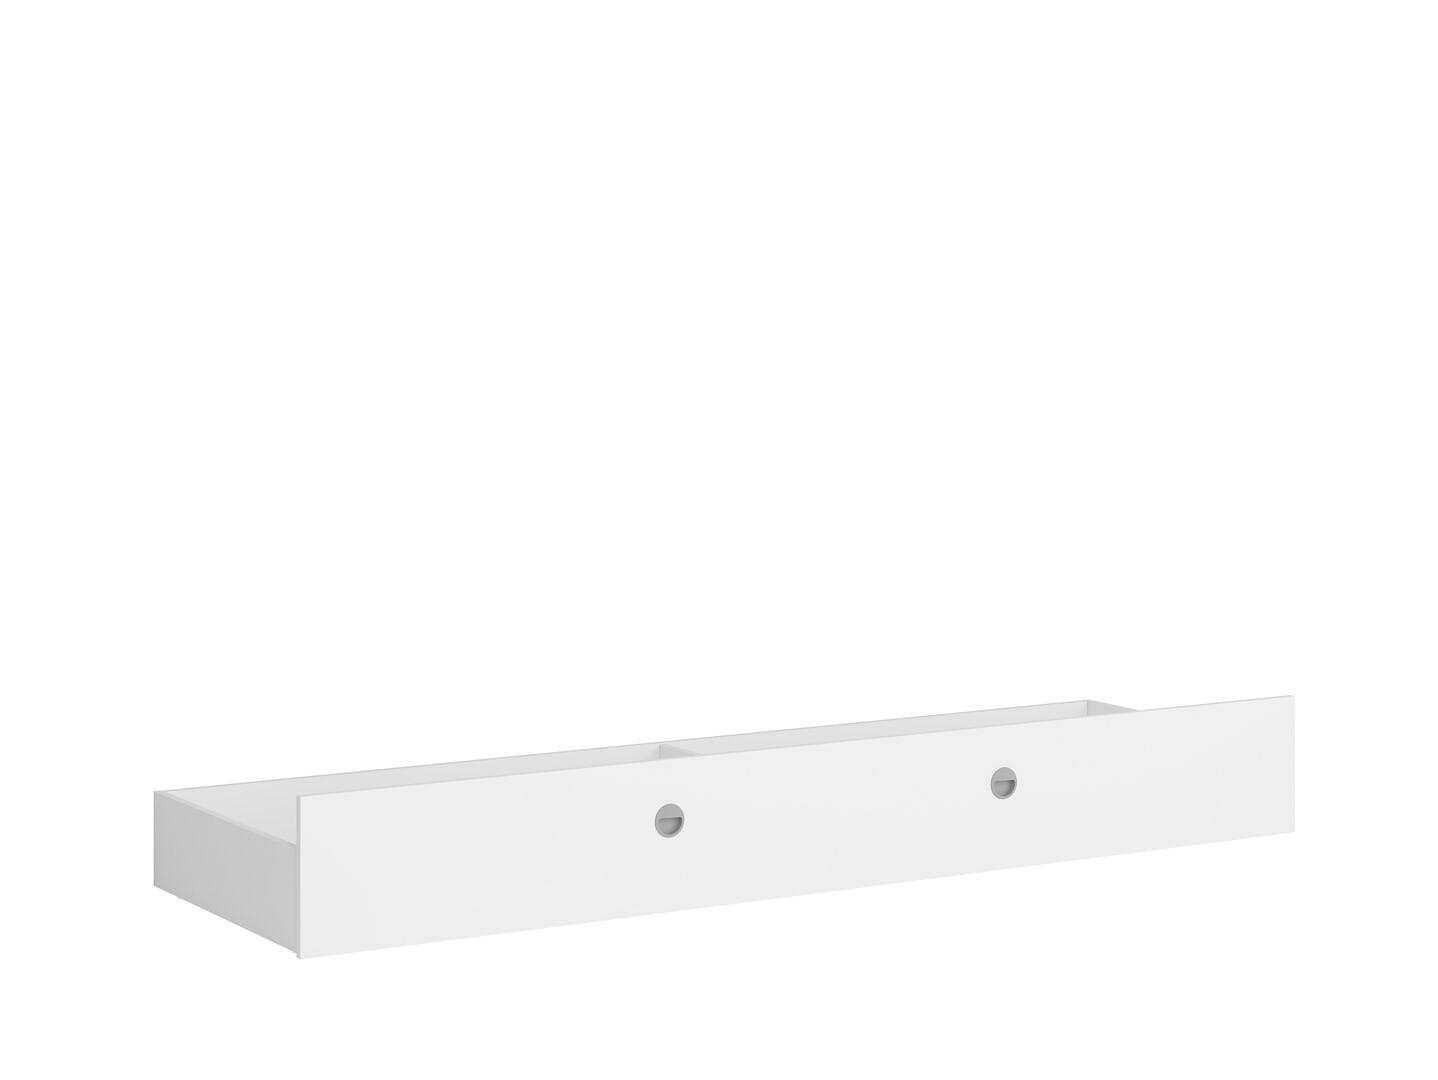 Úložný priestor pod posteľ NEPO PLUS SZU biely